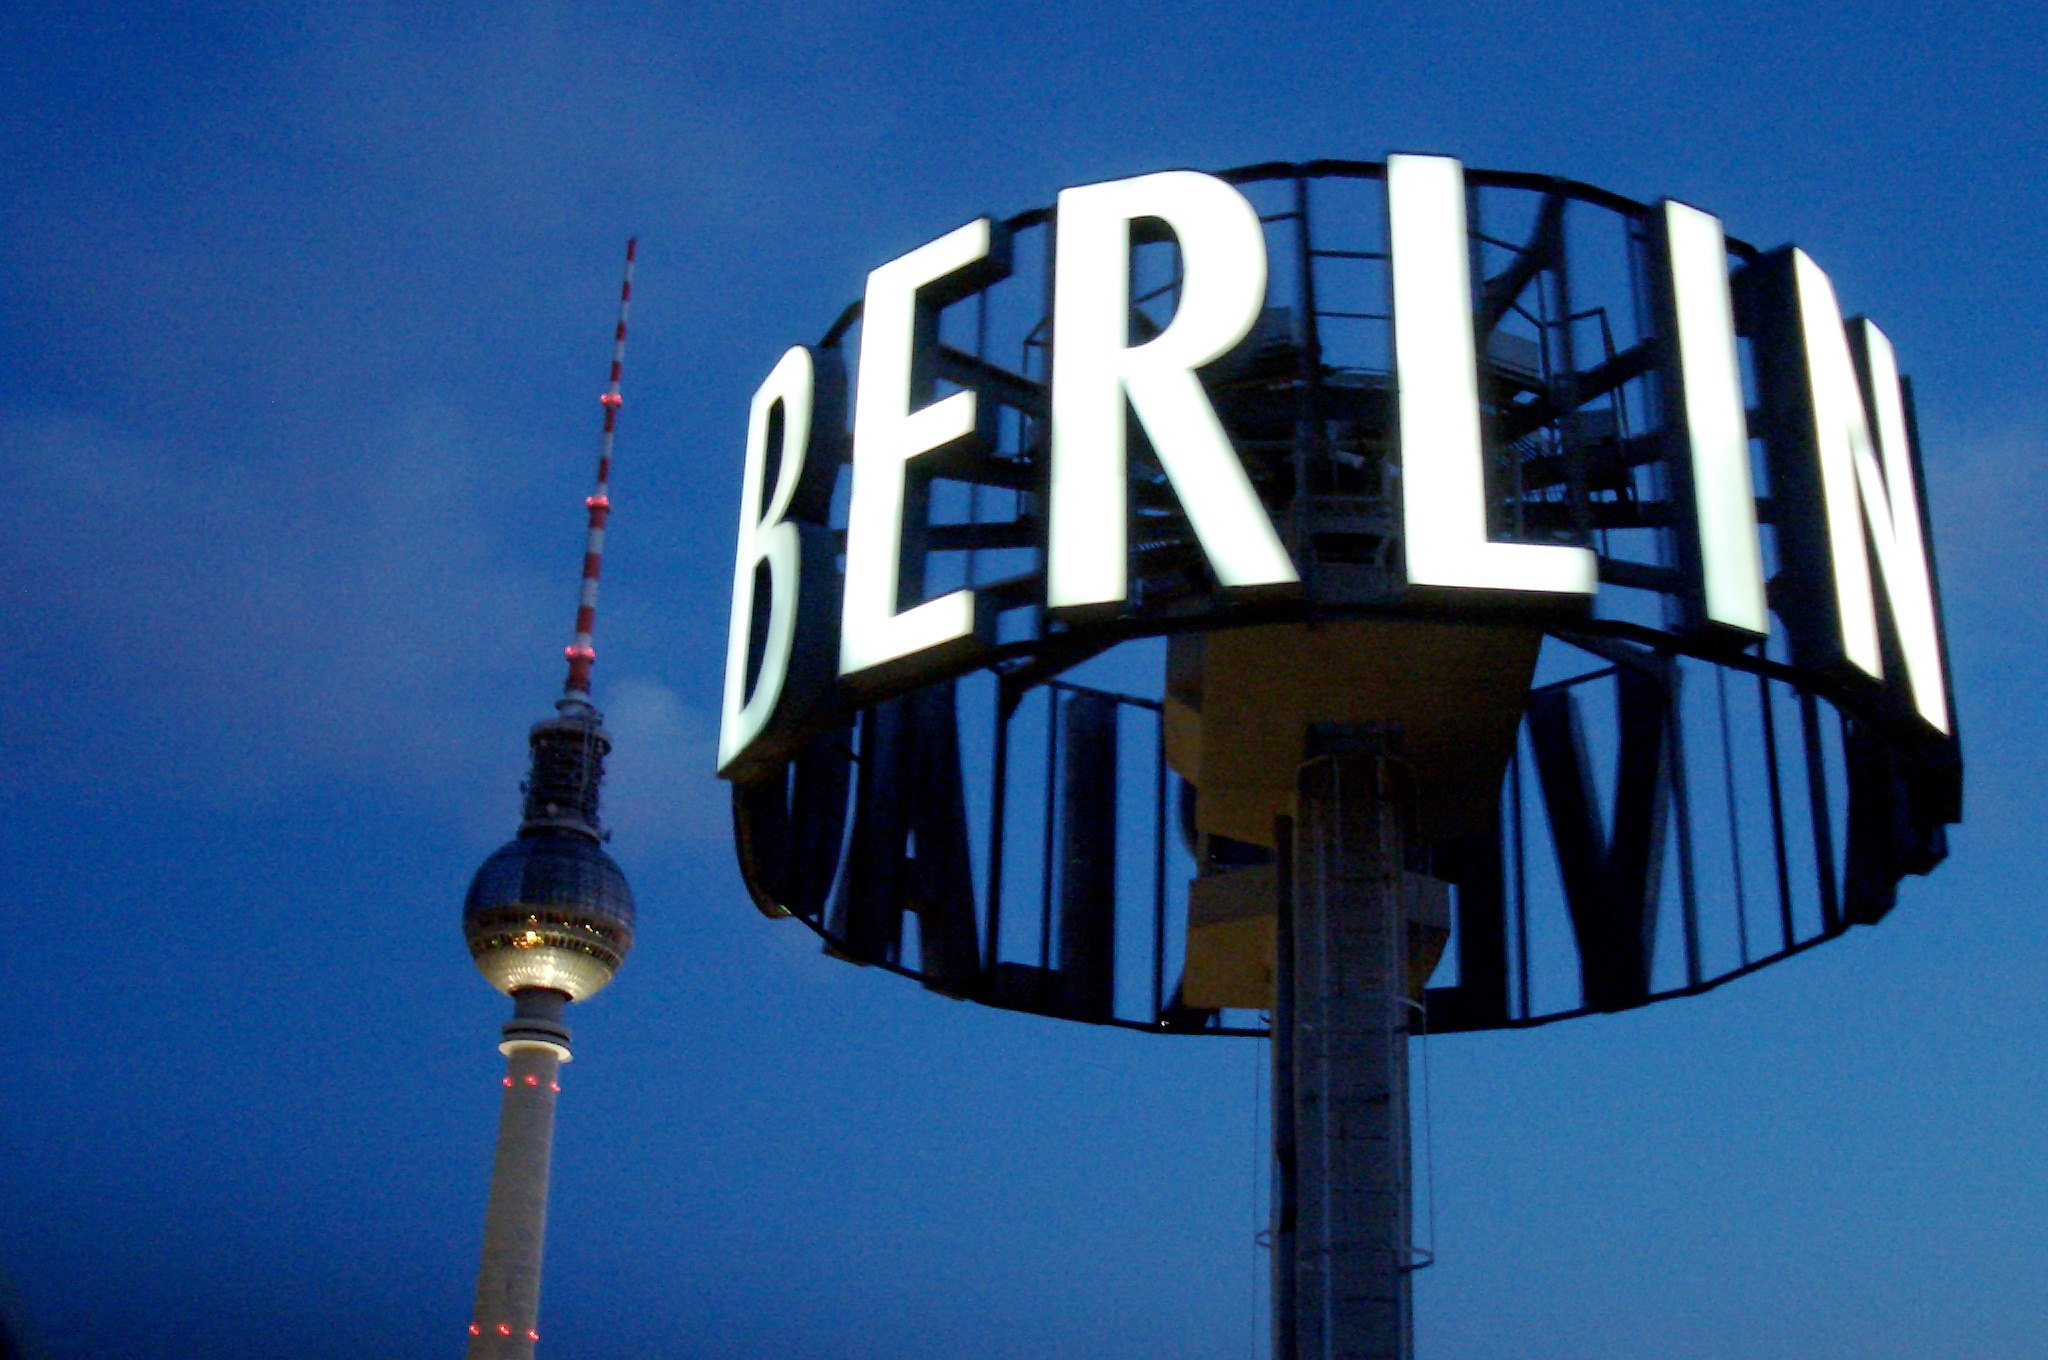 Suspendidas las obras del malogrado y futuro aeropuerto de Berlín